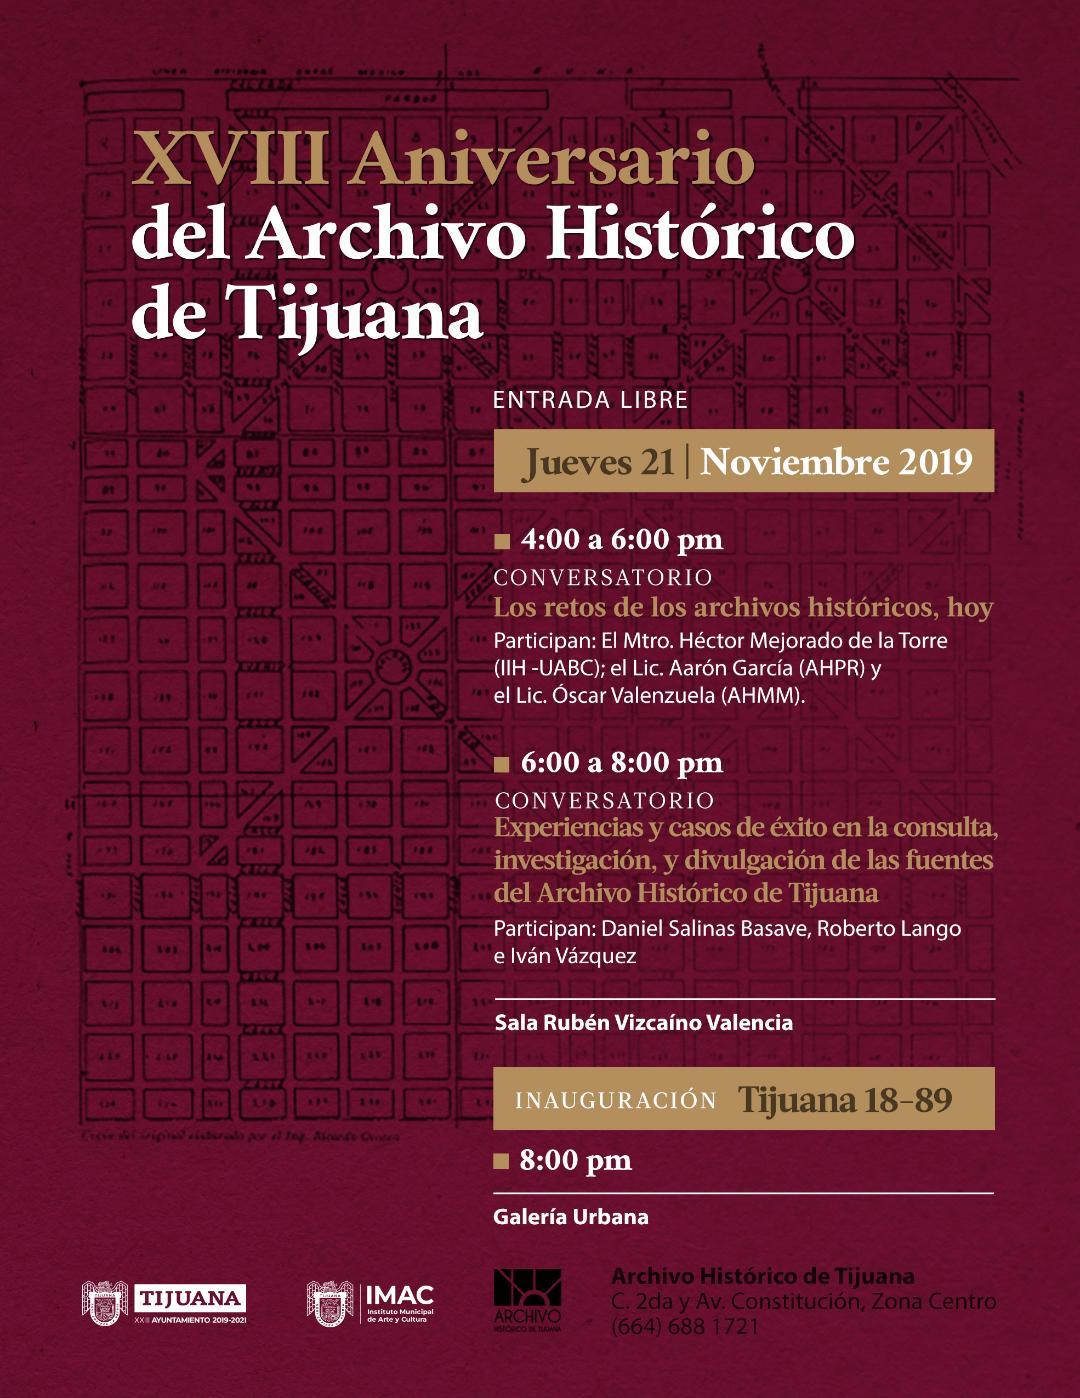 Celebran hoy  XVIII Aniversario del Archivo Histórico de Tijuana.